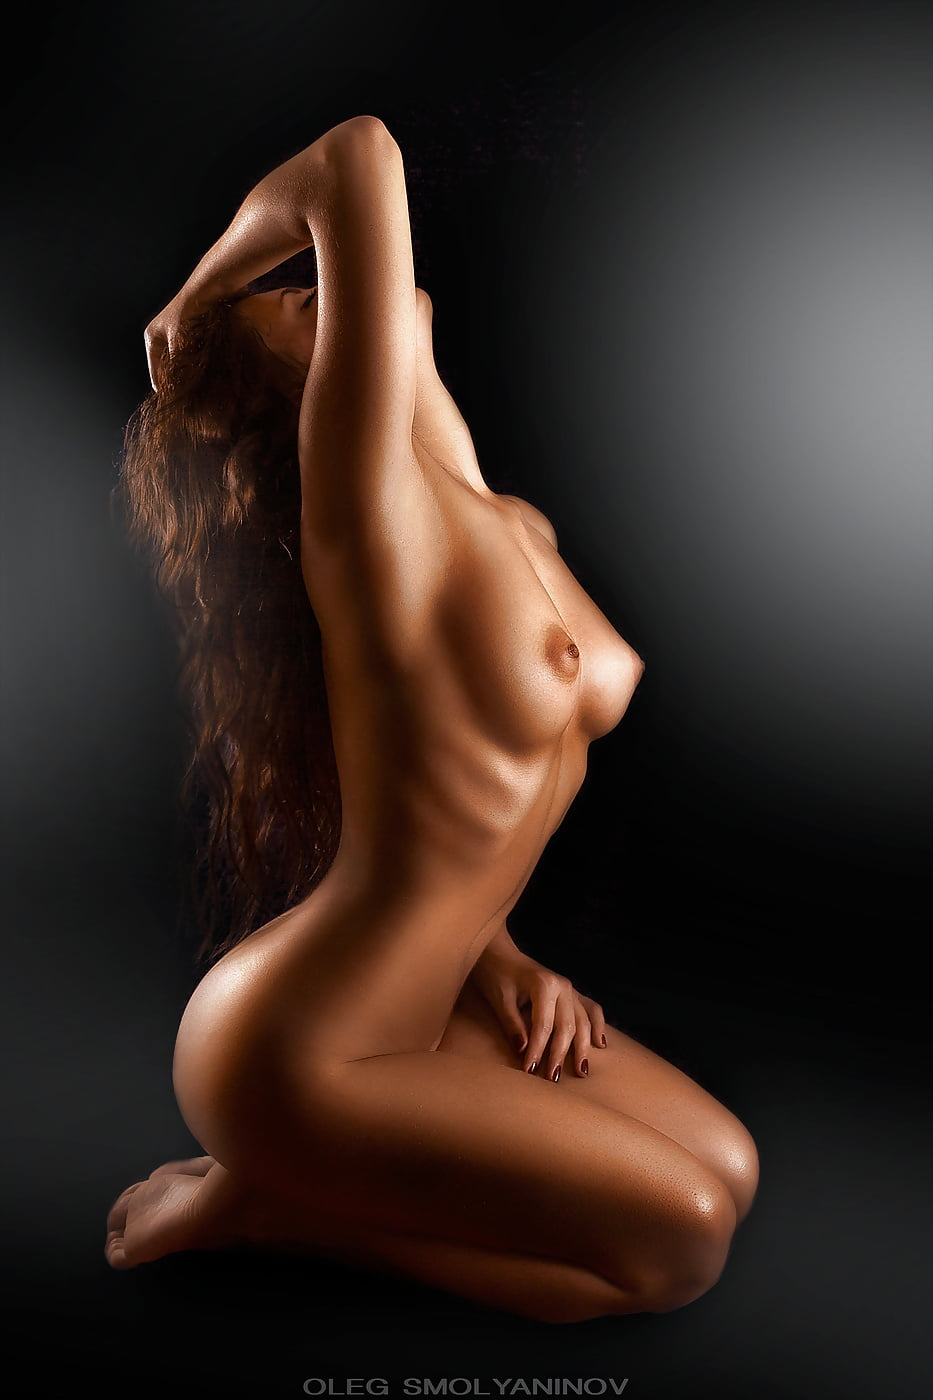 идеальное тело у девушки обнаженка конечно